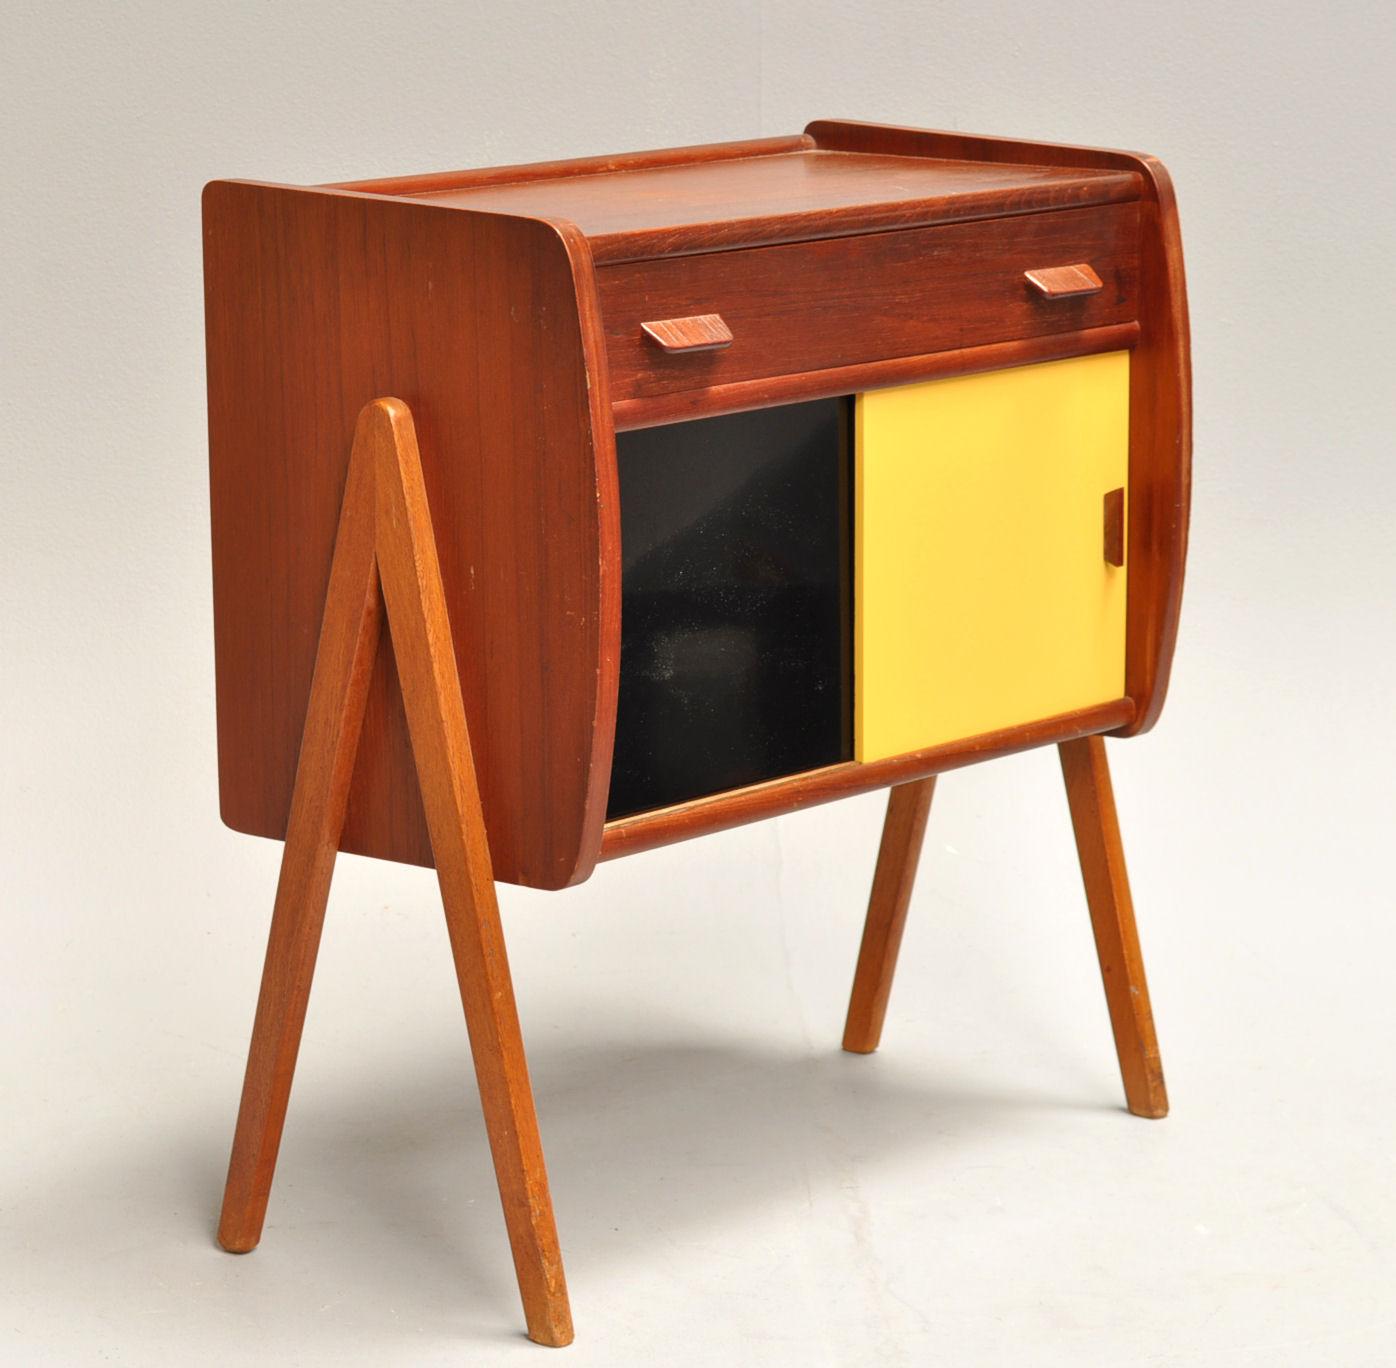 golden days at lauritzblog international. Black Bedroom Furniture Sets. Home Design Ideas